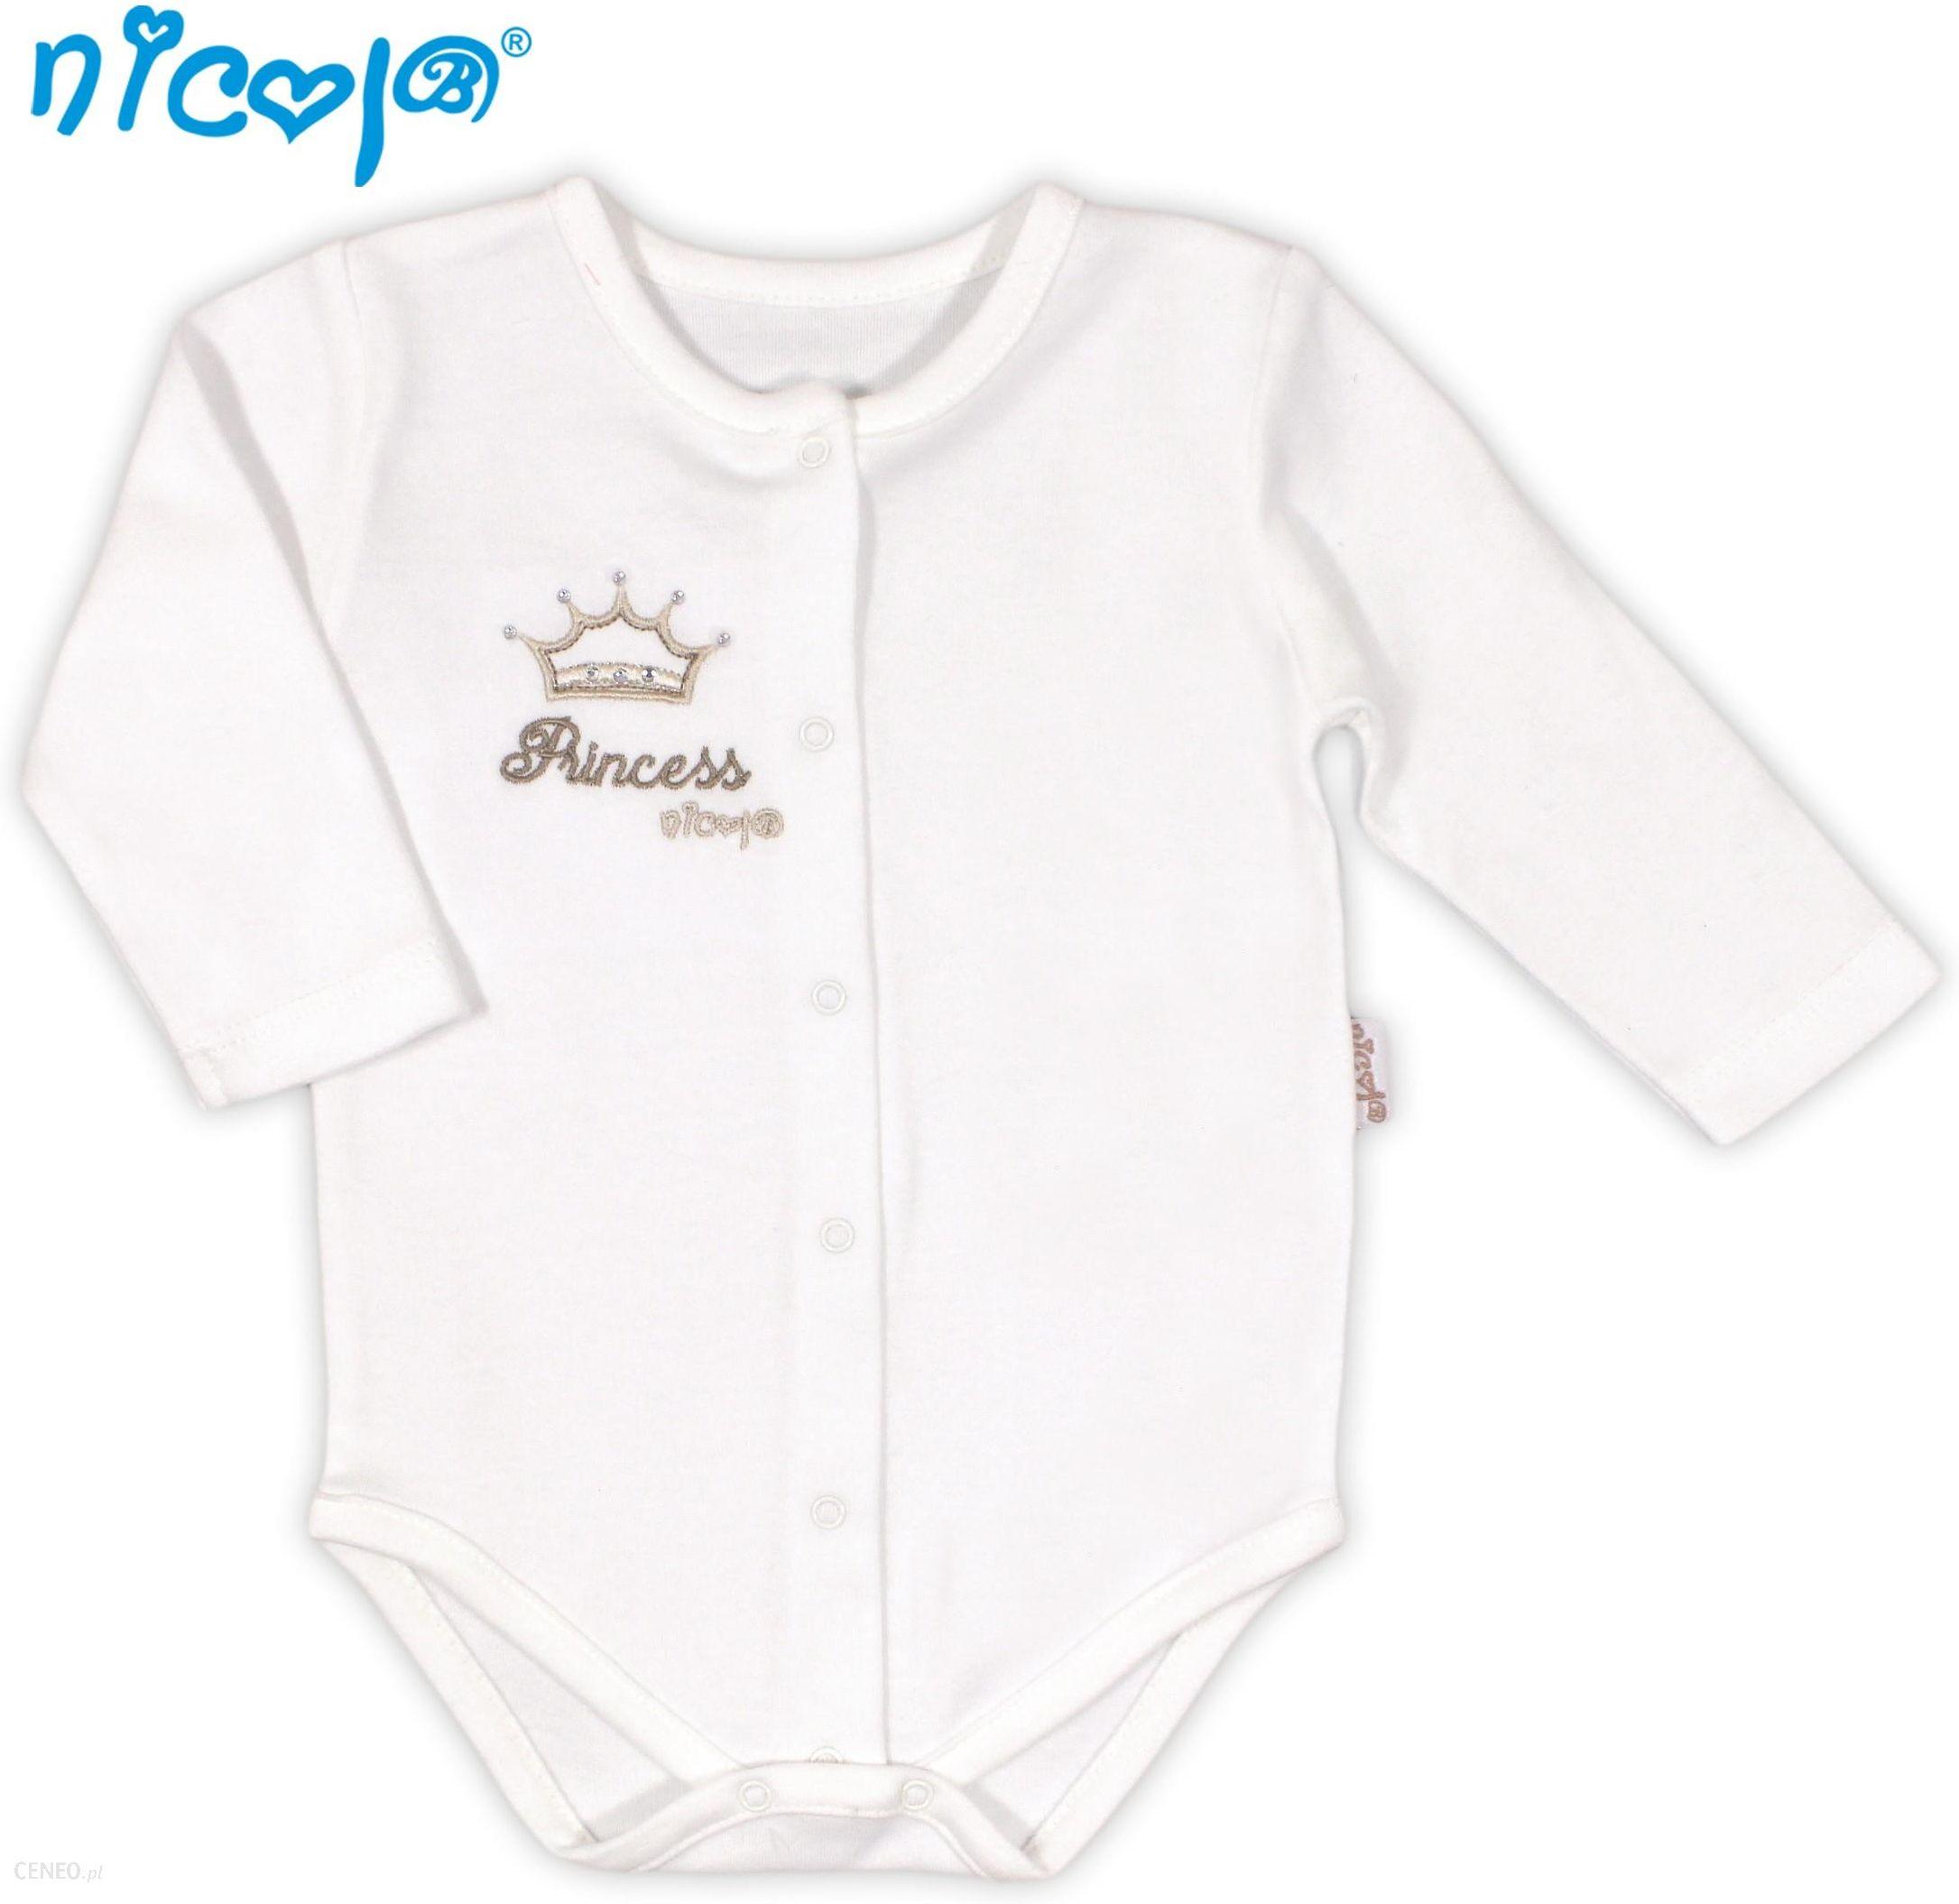 de6ccb98fa2c5a Body niemowlęce bawełniane rozpinane długi rękaw PRINCESS 48-62 Nicola -  zdjęcie 1